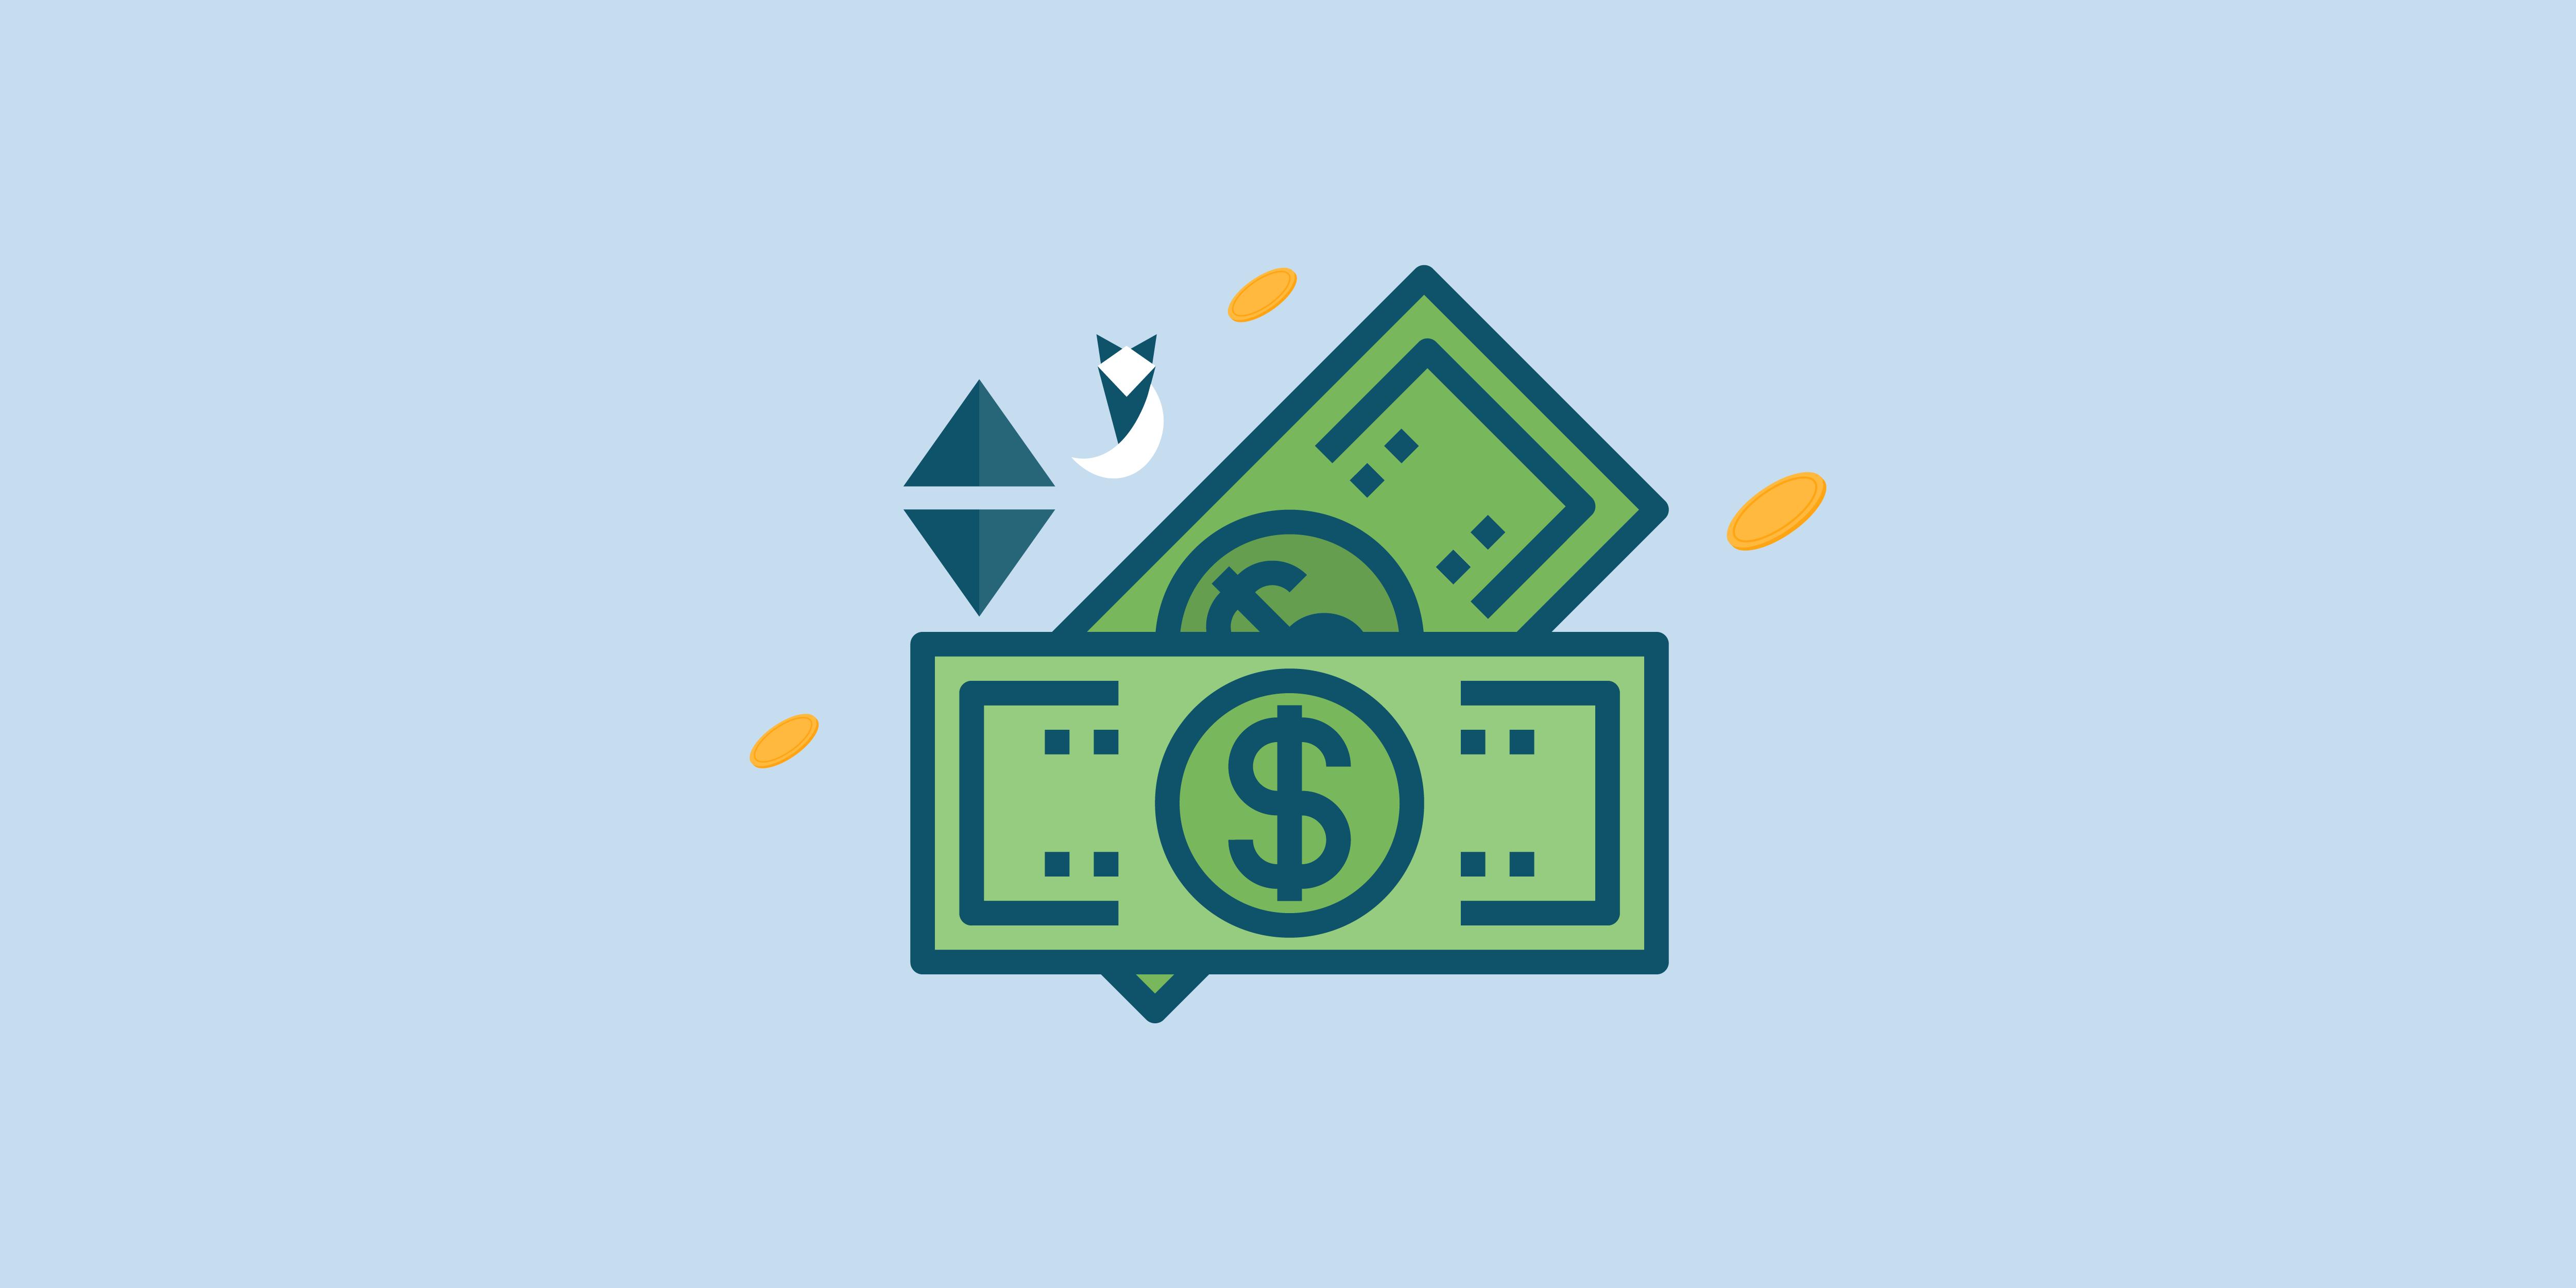 سعر الدولار في البنوك المصرية اليوم: الأثنين 12 يوليو 2021